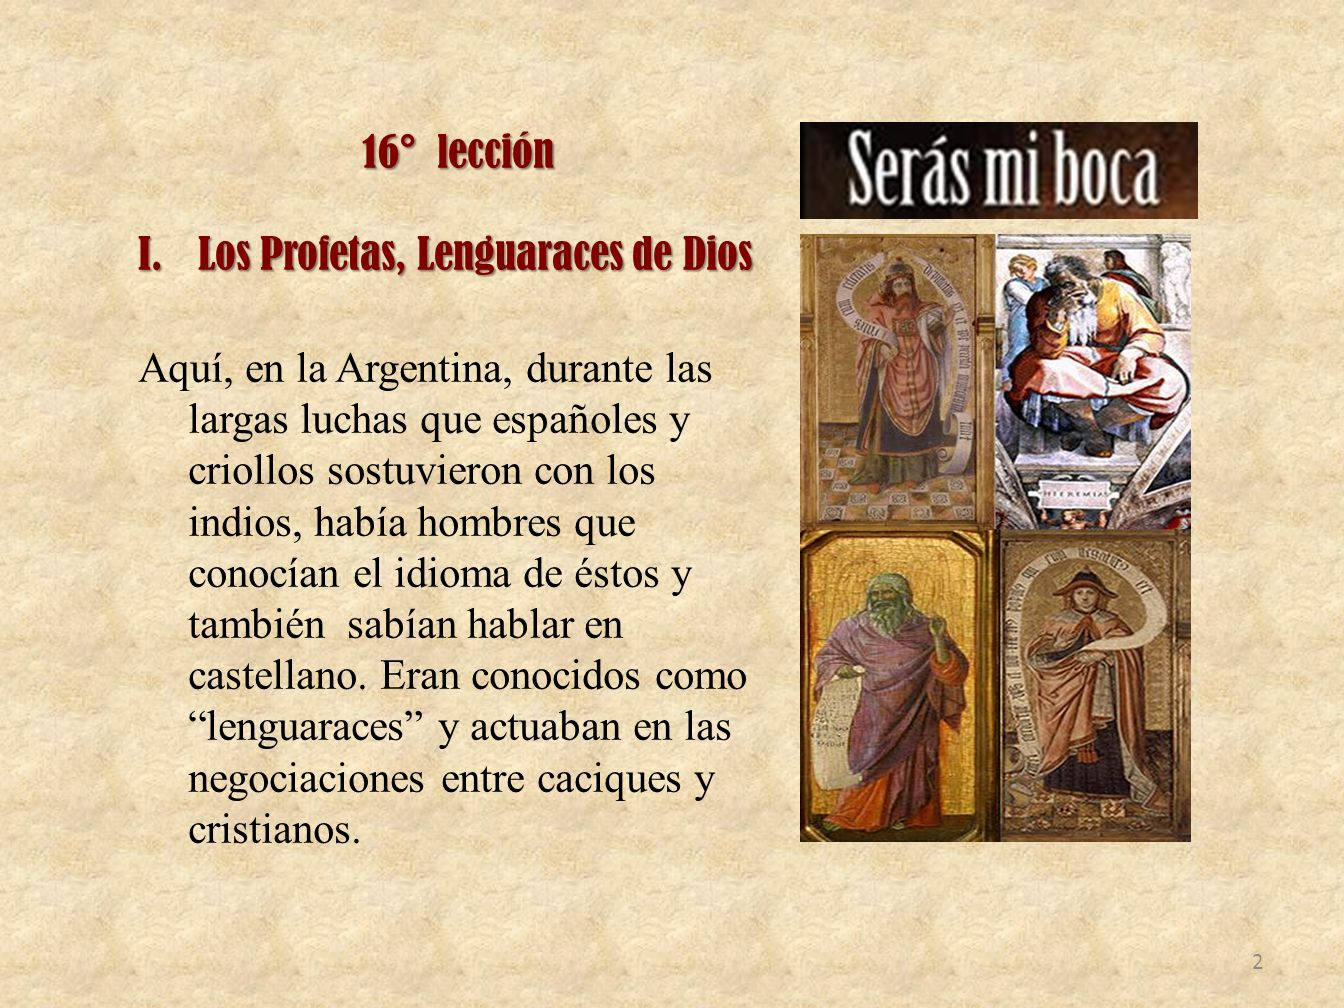 16° lección Los Profetas, Lenguaraces de Dios.